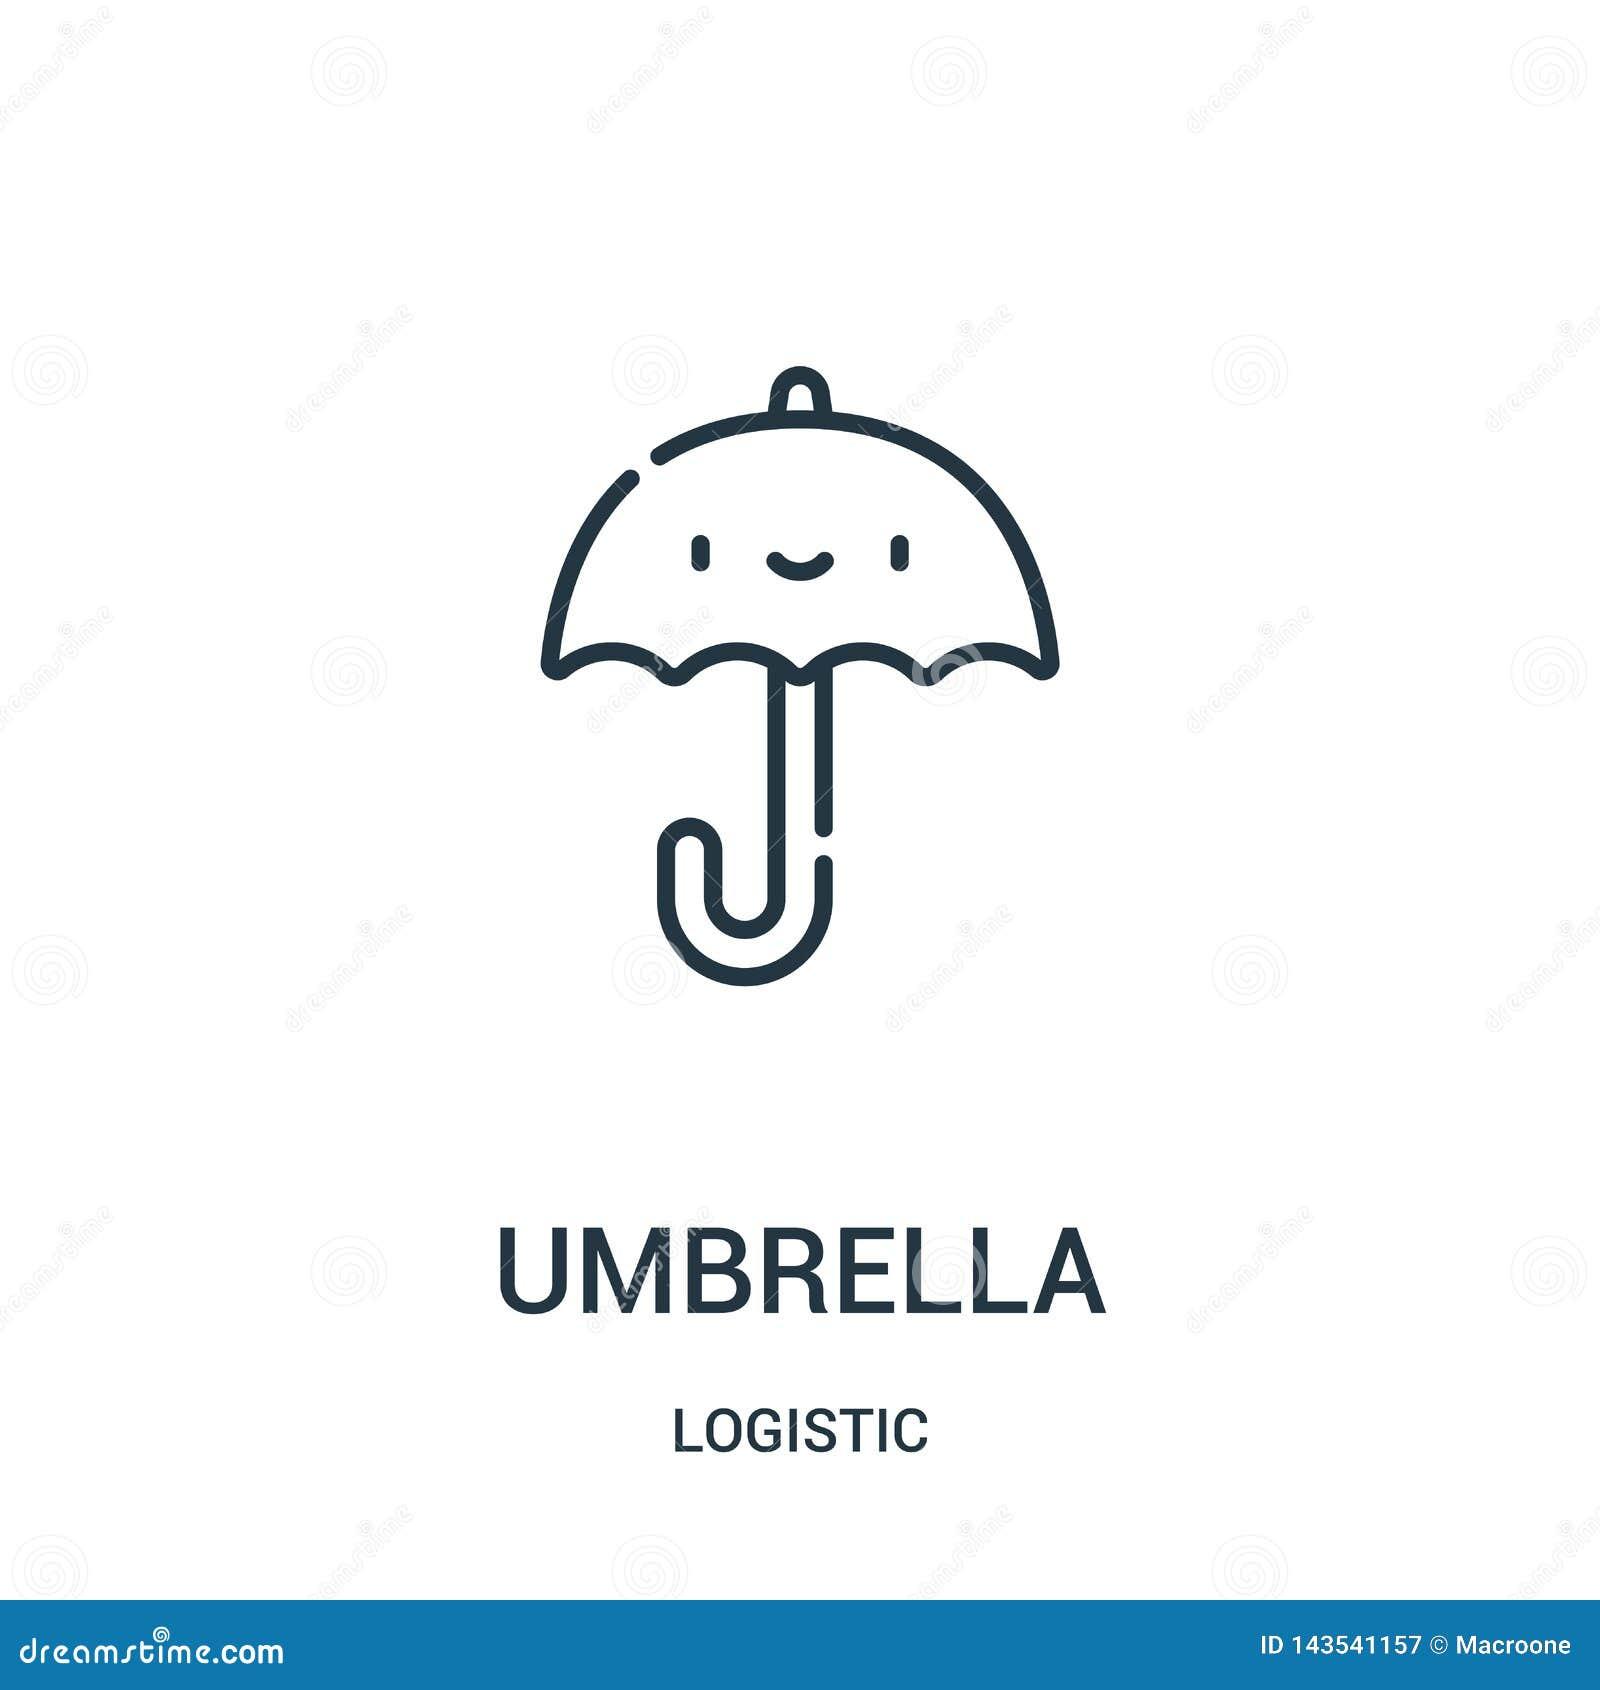 διάνυσμα εικονιδίων ομπρελών από τη λογιστική συλλογή Λεπτή διανυσματική απεικόνιση εικονιδίων περιλήψεων ομπρελών γραμμών